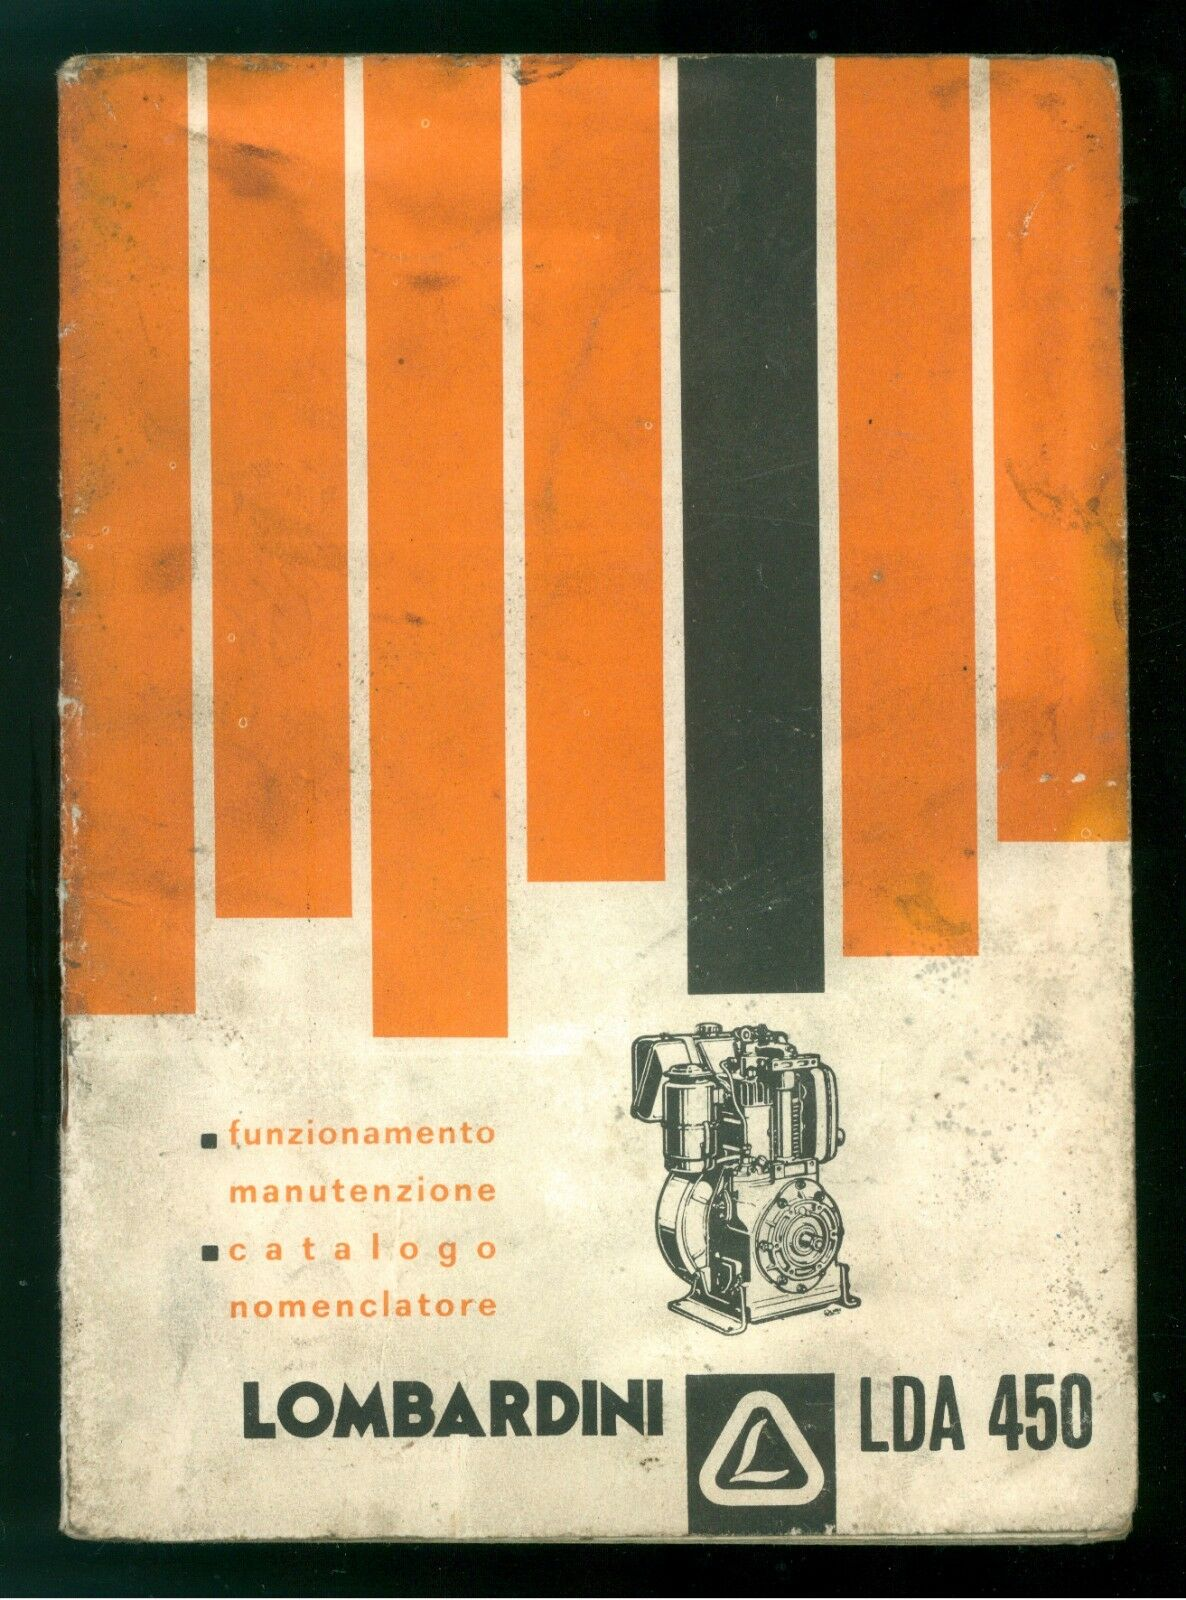 LOMBARDINI REGGIO EMILIA MOTORE LDA 450 FUNZIONAMENTO MANUTENZIONE CATALOGO 1970